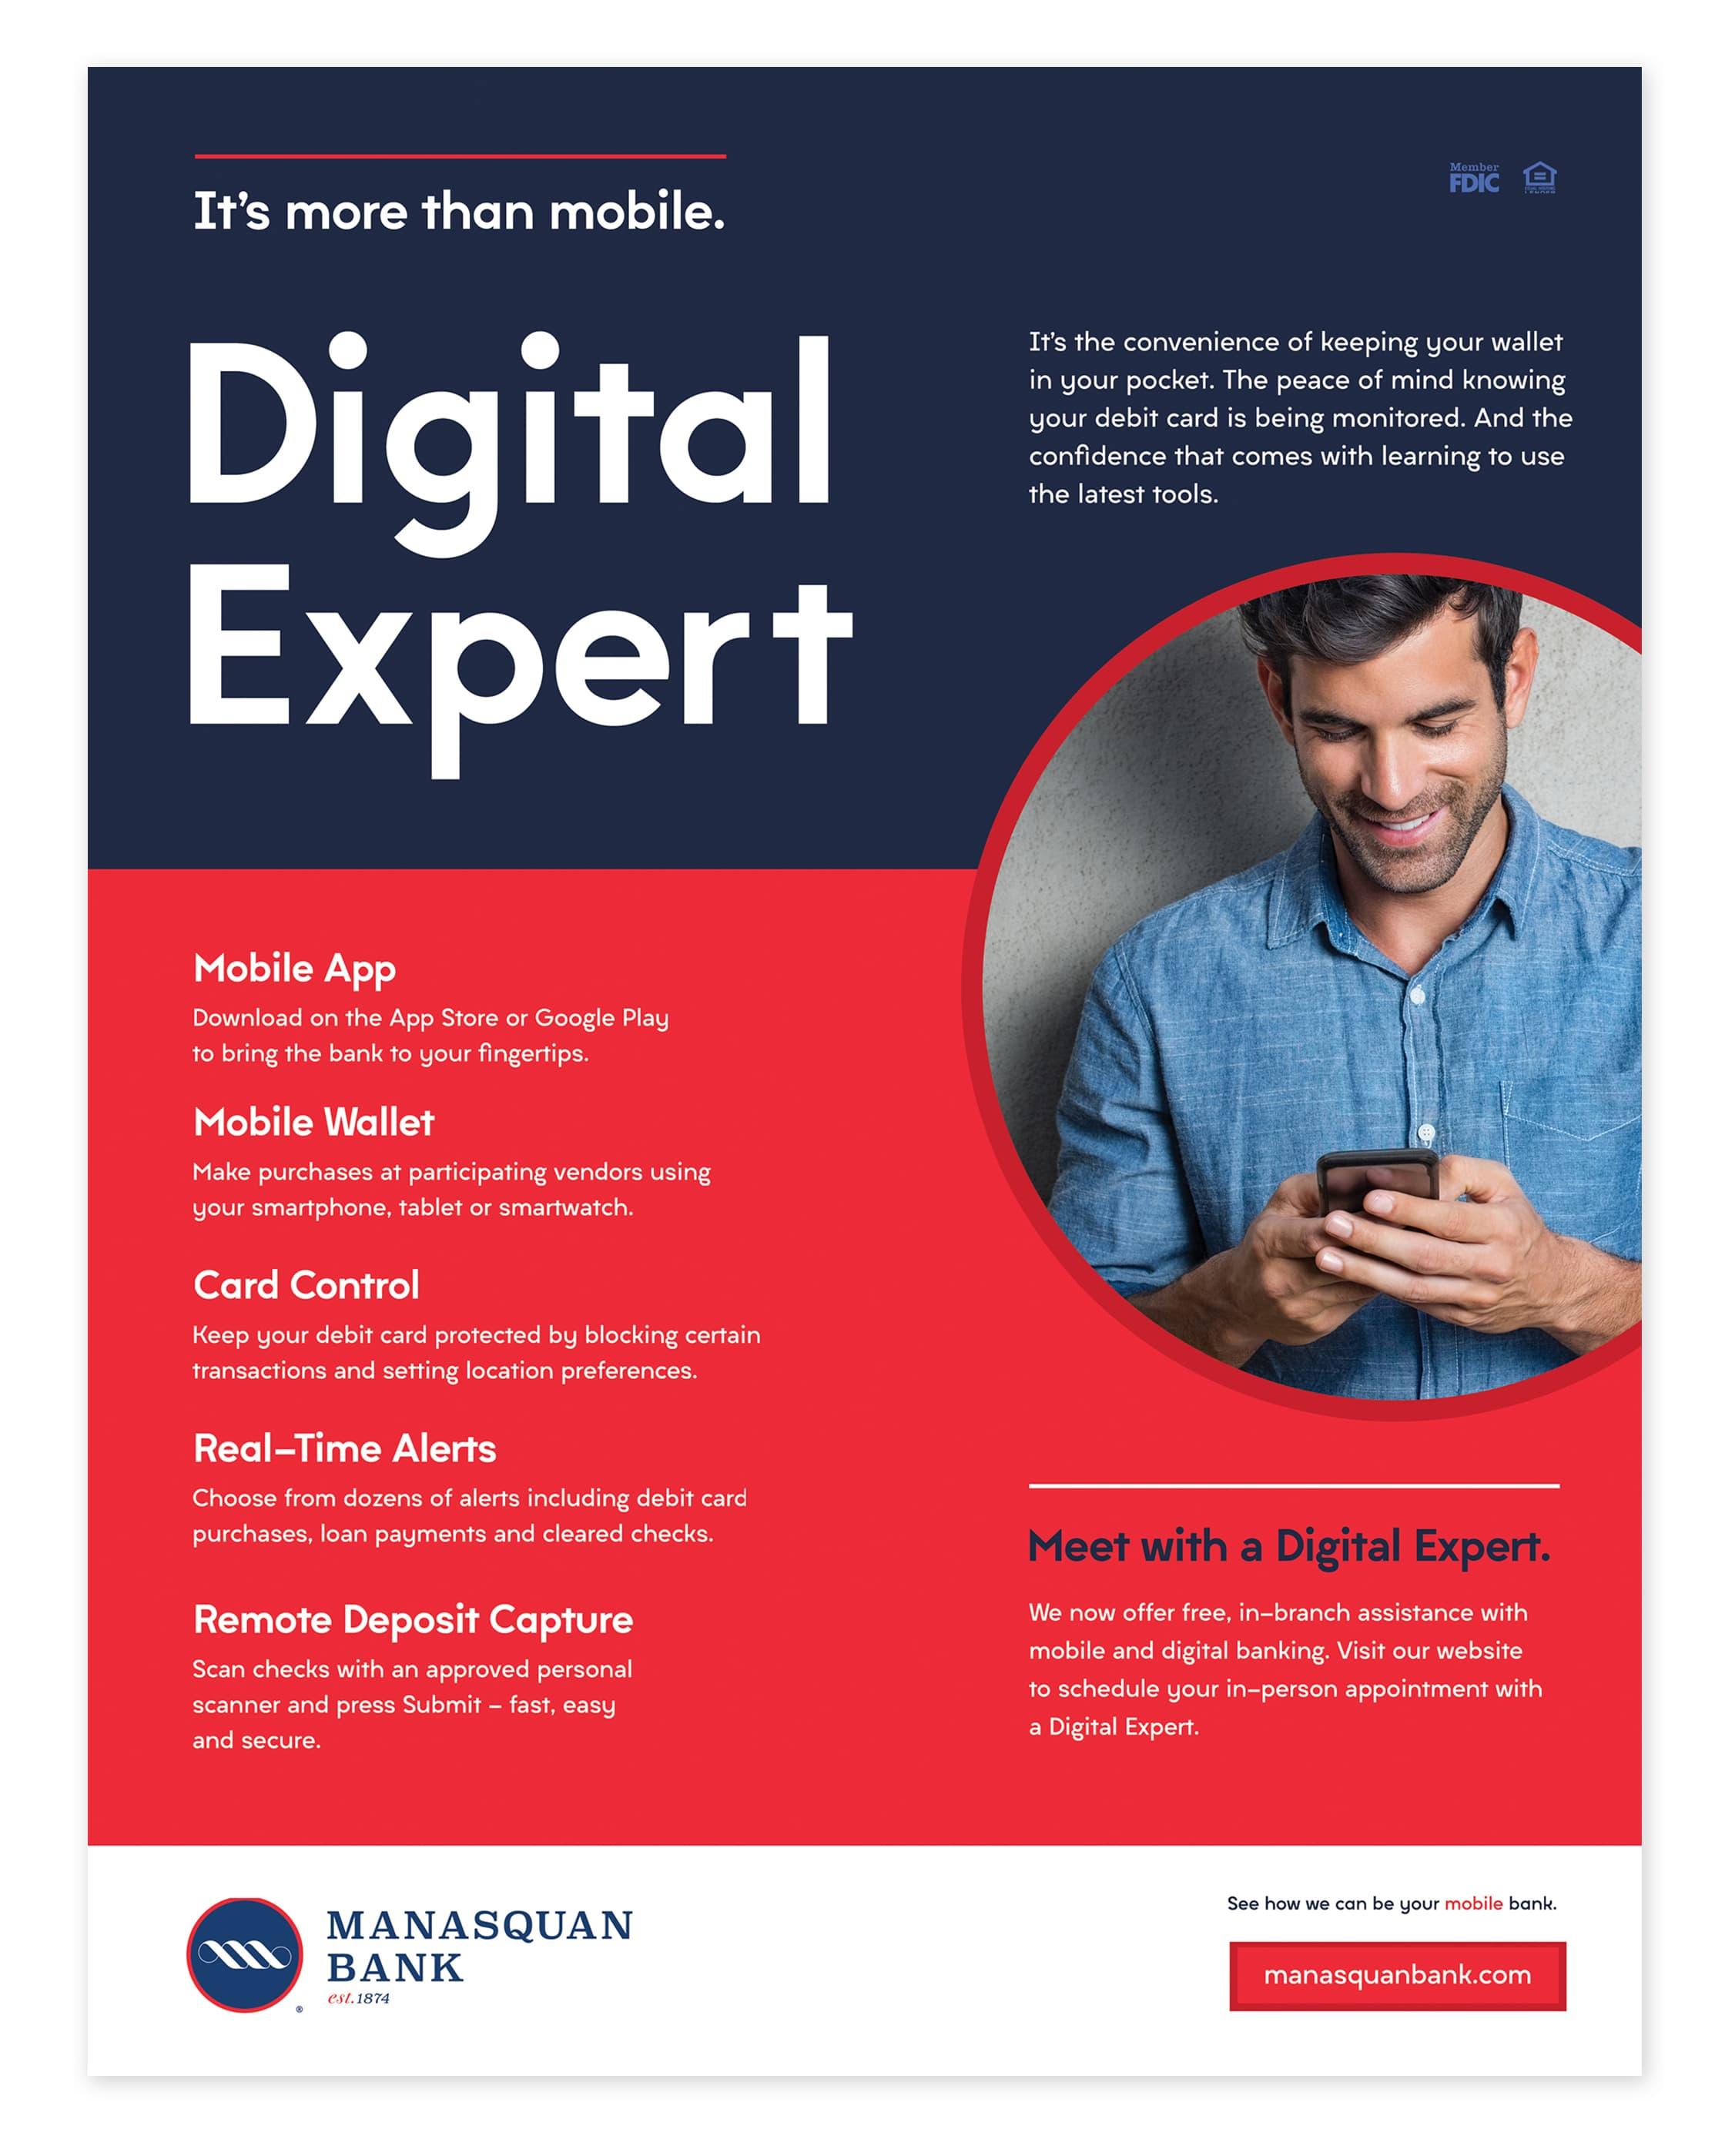 Manasquan Bank Digital Expert Ad